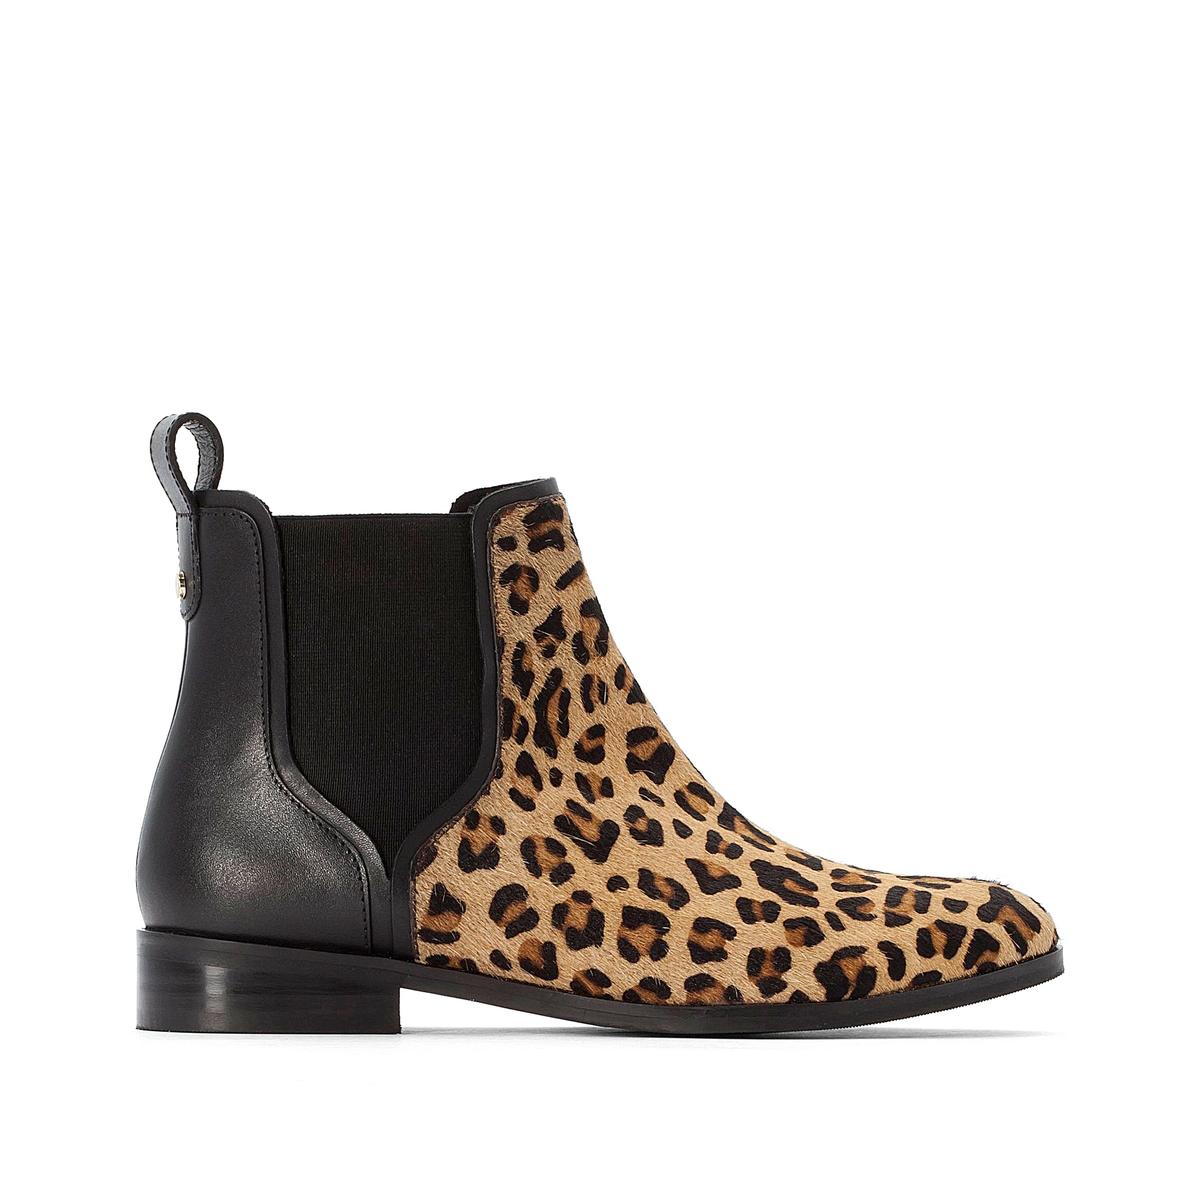 Botines Chelsea de piel, estilo leopardo delante